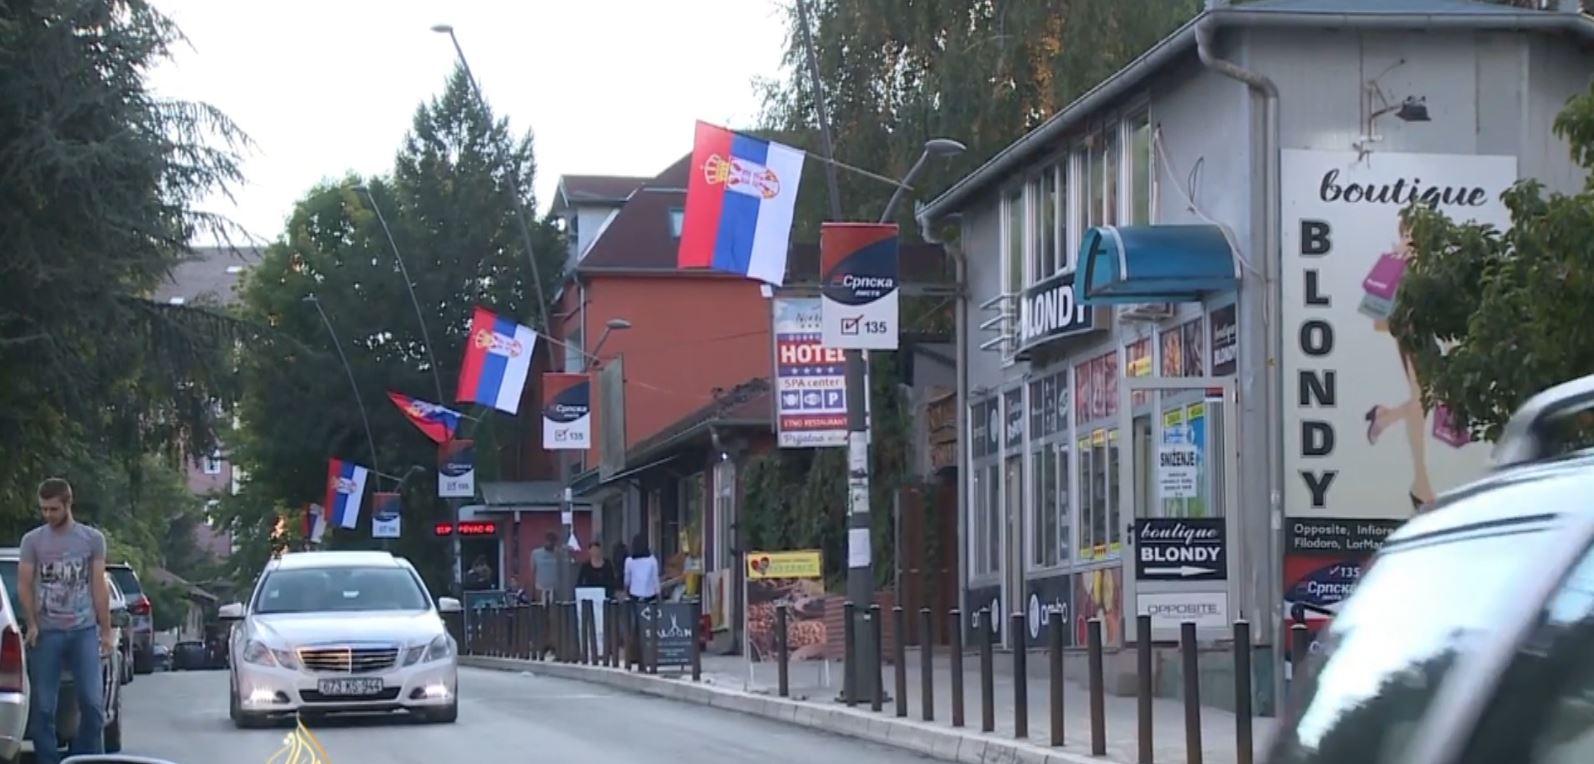 Lista Serbe i përgjigjet Albin Kurtit: Po nxisni histeri anti-serbe në Prishtinë